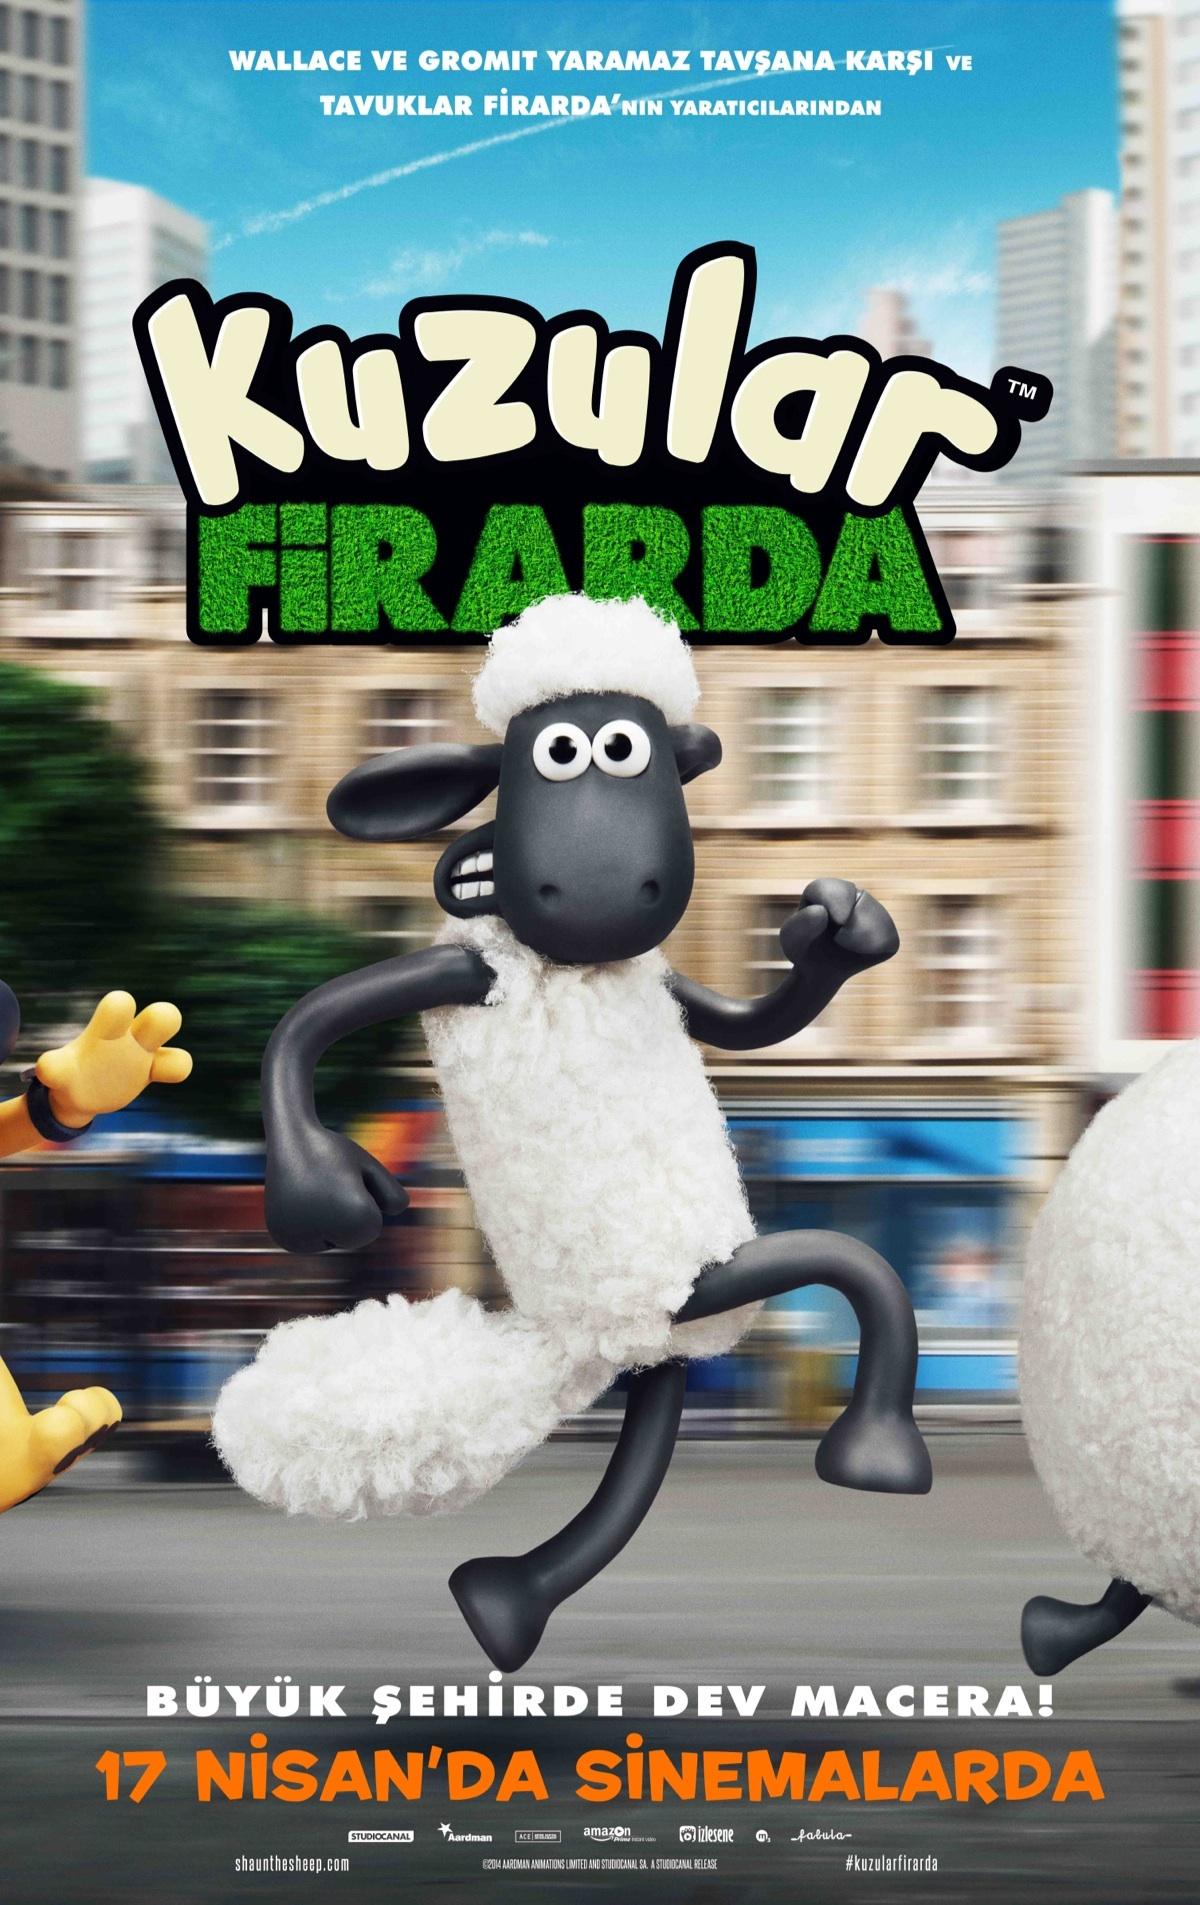 Kuzular Firarda Animasyon Filmini Türkçe Dublajlı izle